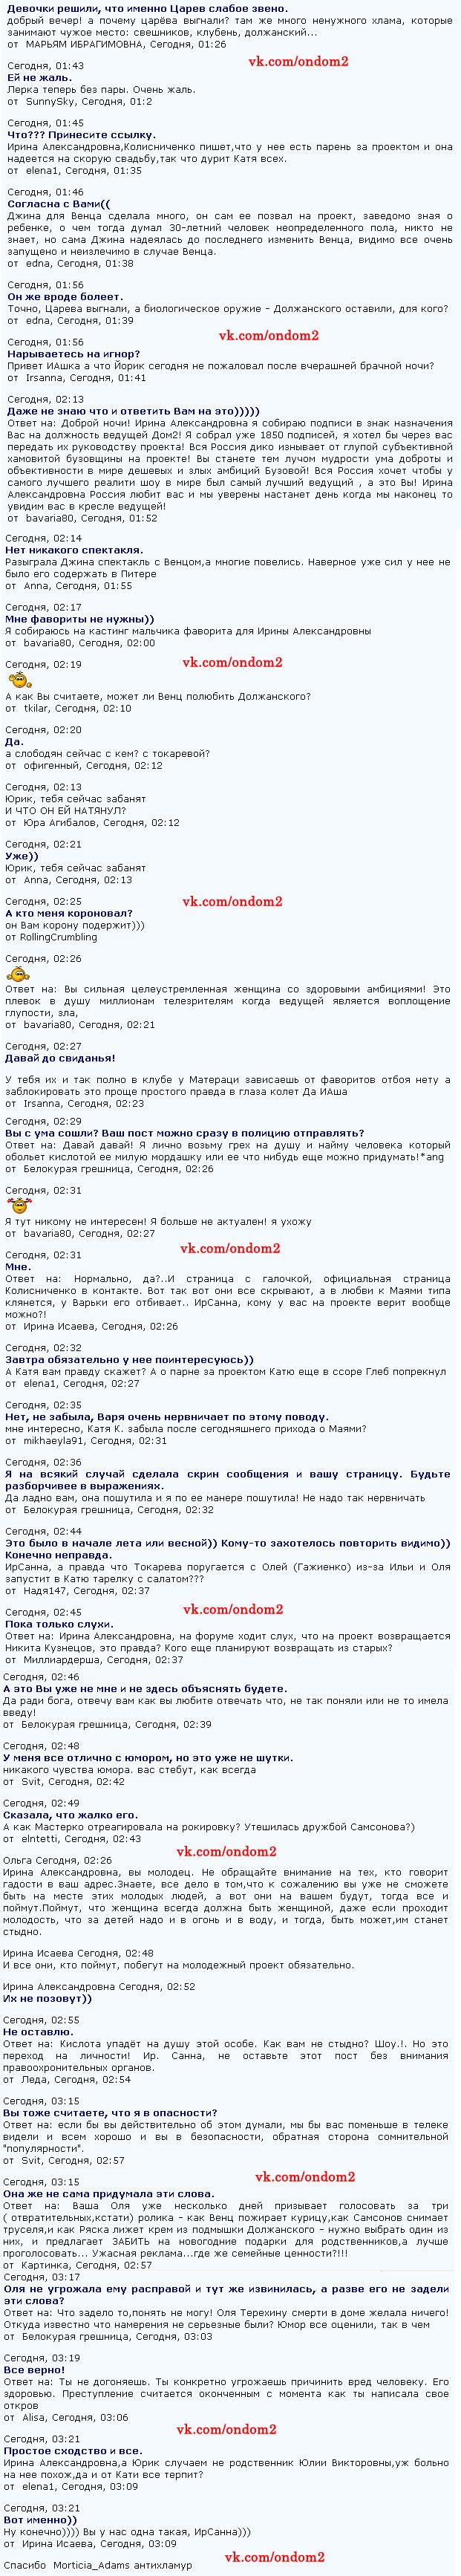 Переписка Ирины Александровны Агибаловой на официальном сайте дома 2